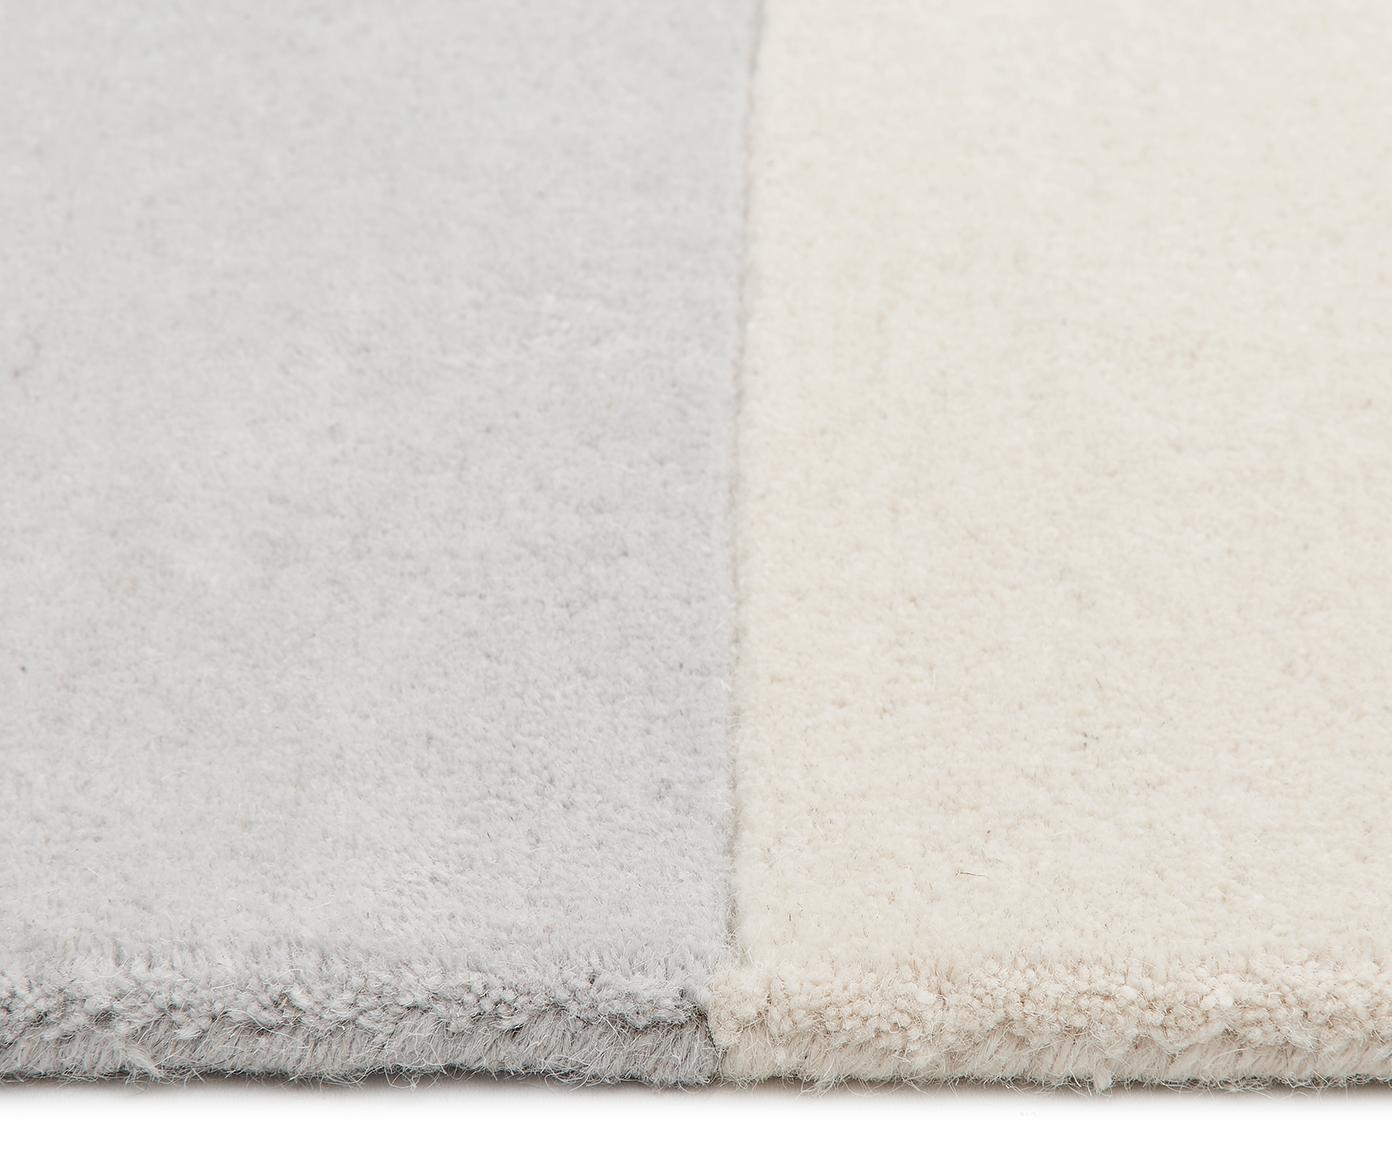 Handgetufteter Wollteppich Keith mit geometrischem Muster, Flor: 100% Wolle, Beige, Grau, B 200 x L 300 cm (Größe L)